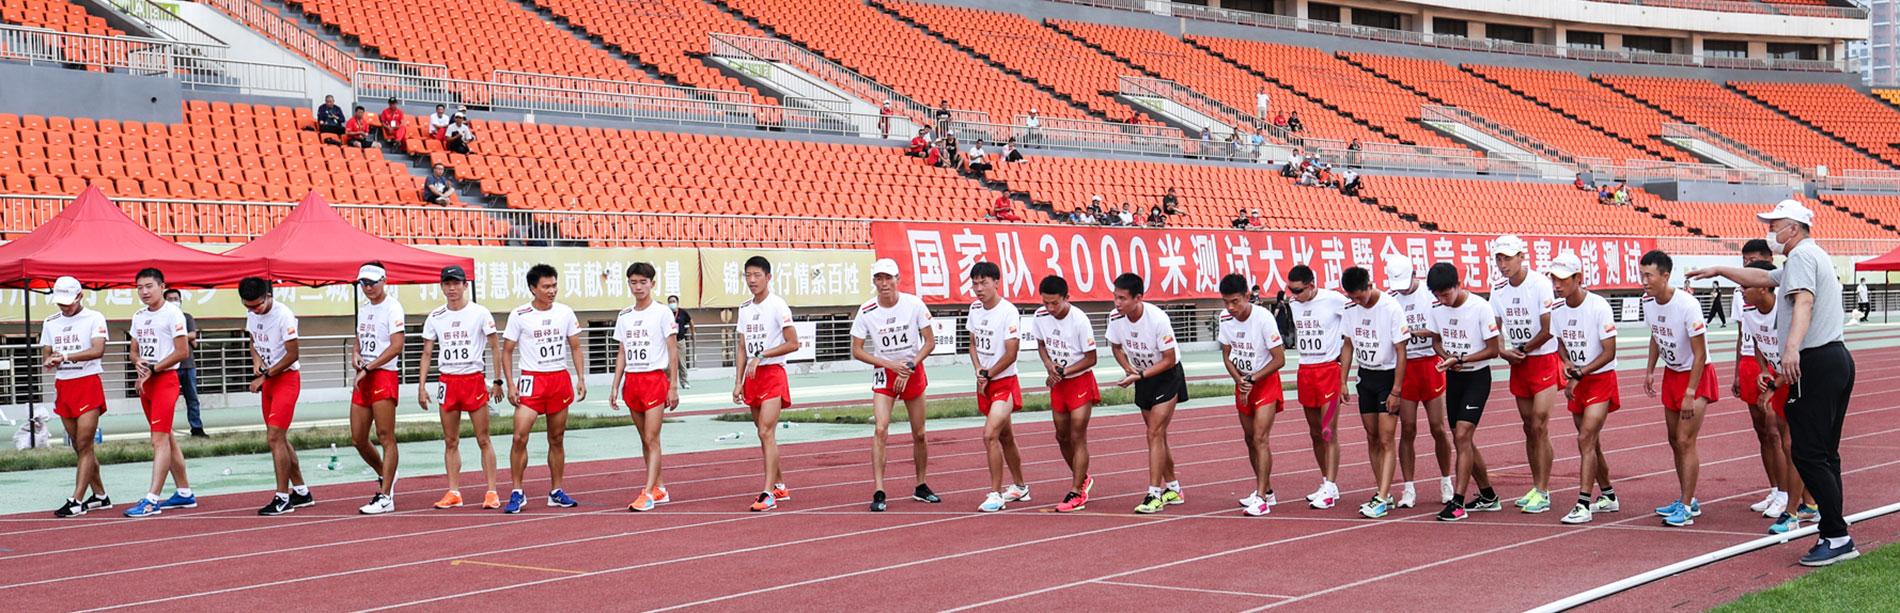 强化体能 剑指东京!中国田径队参加3000米测试大比武